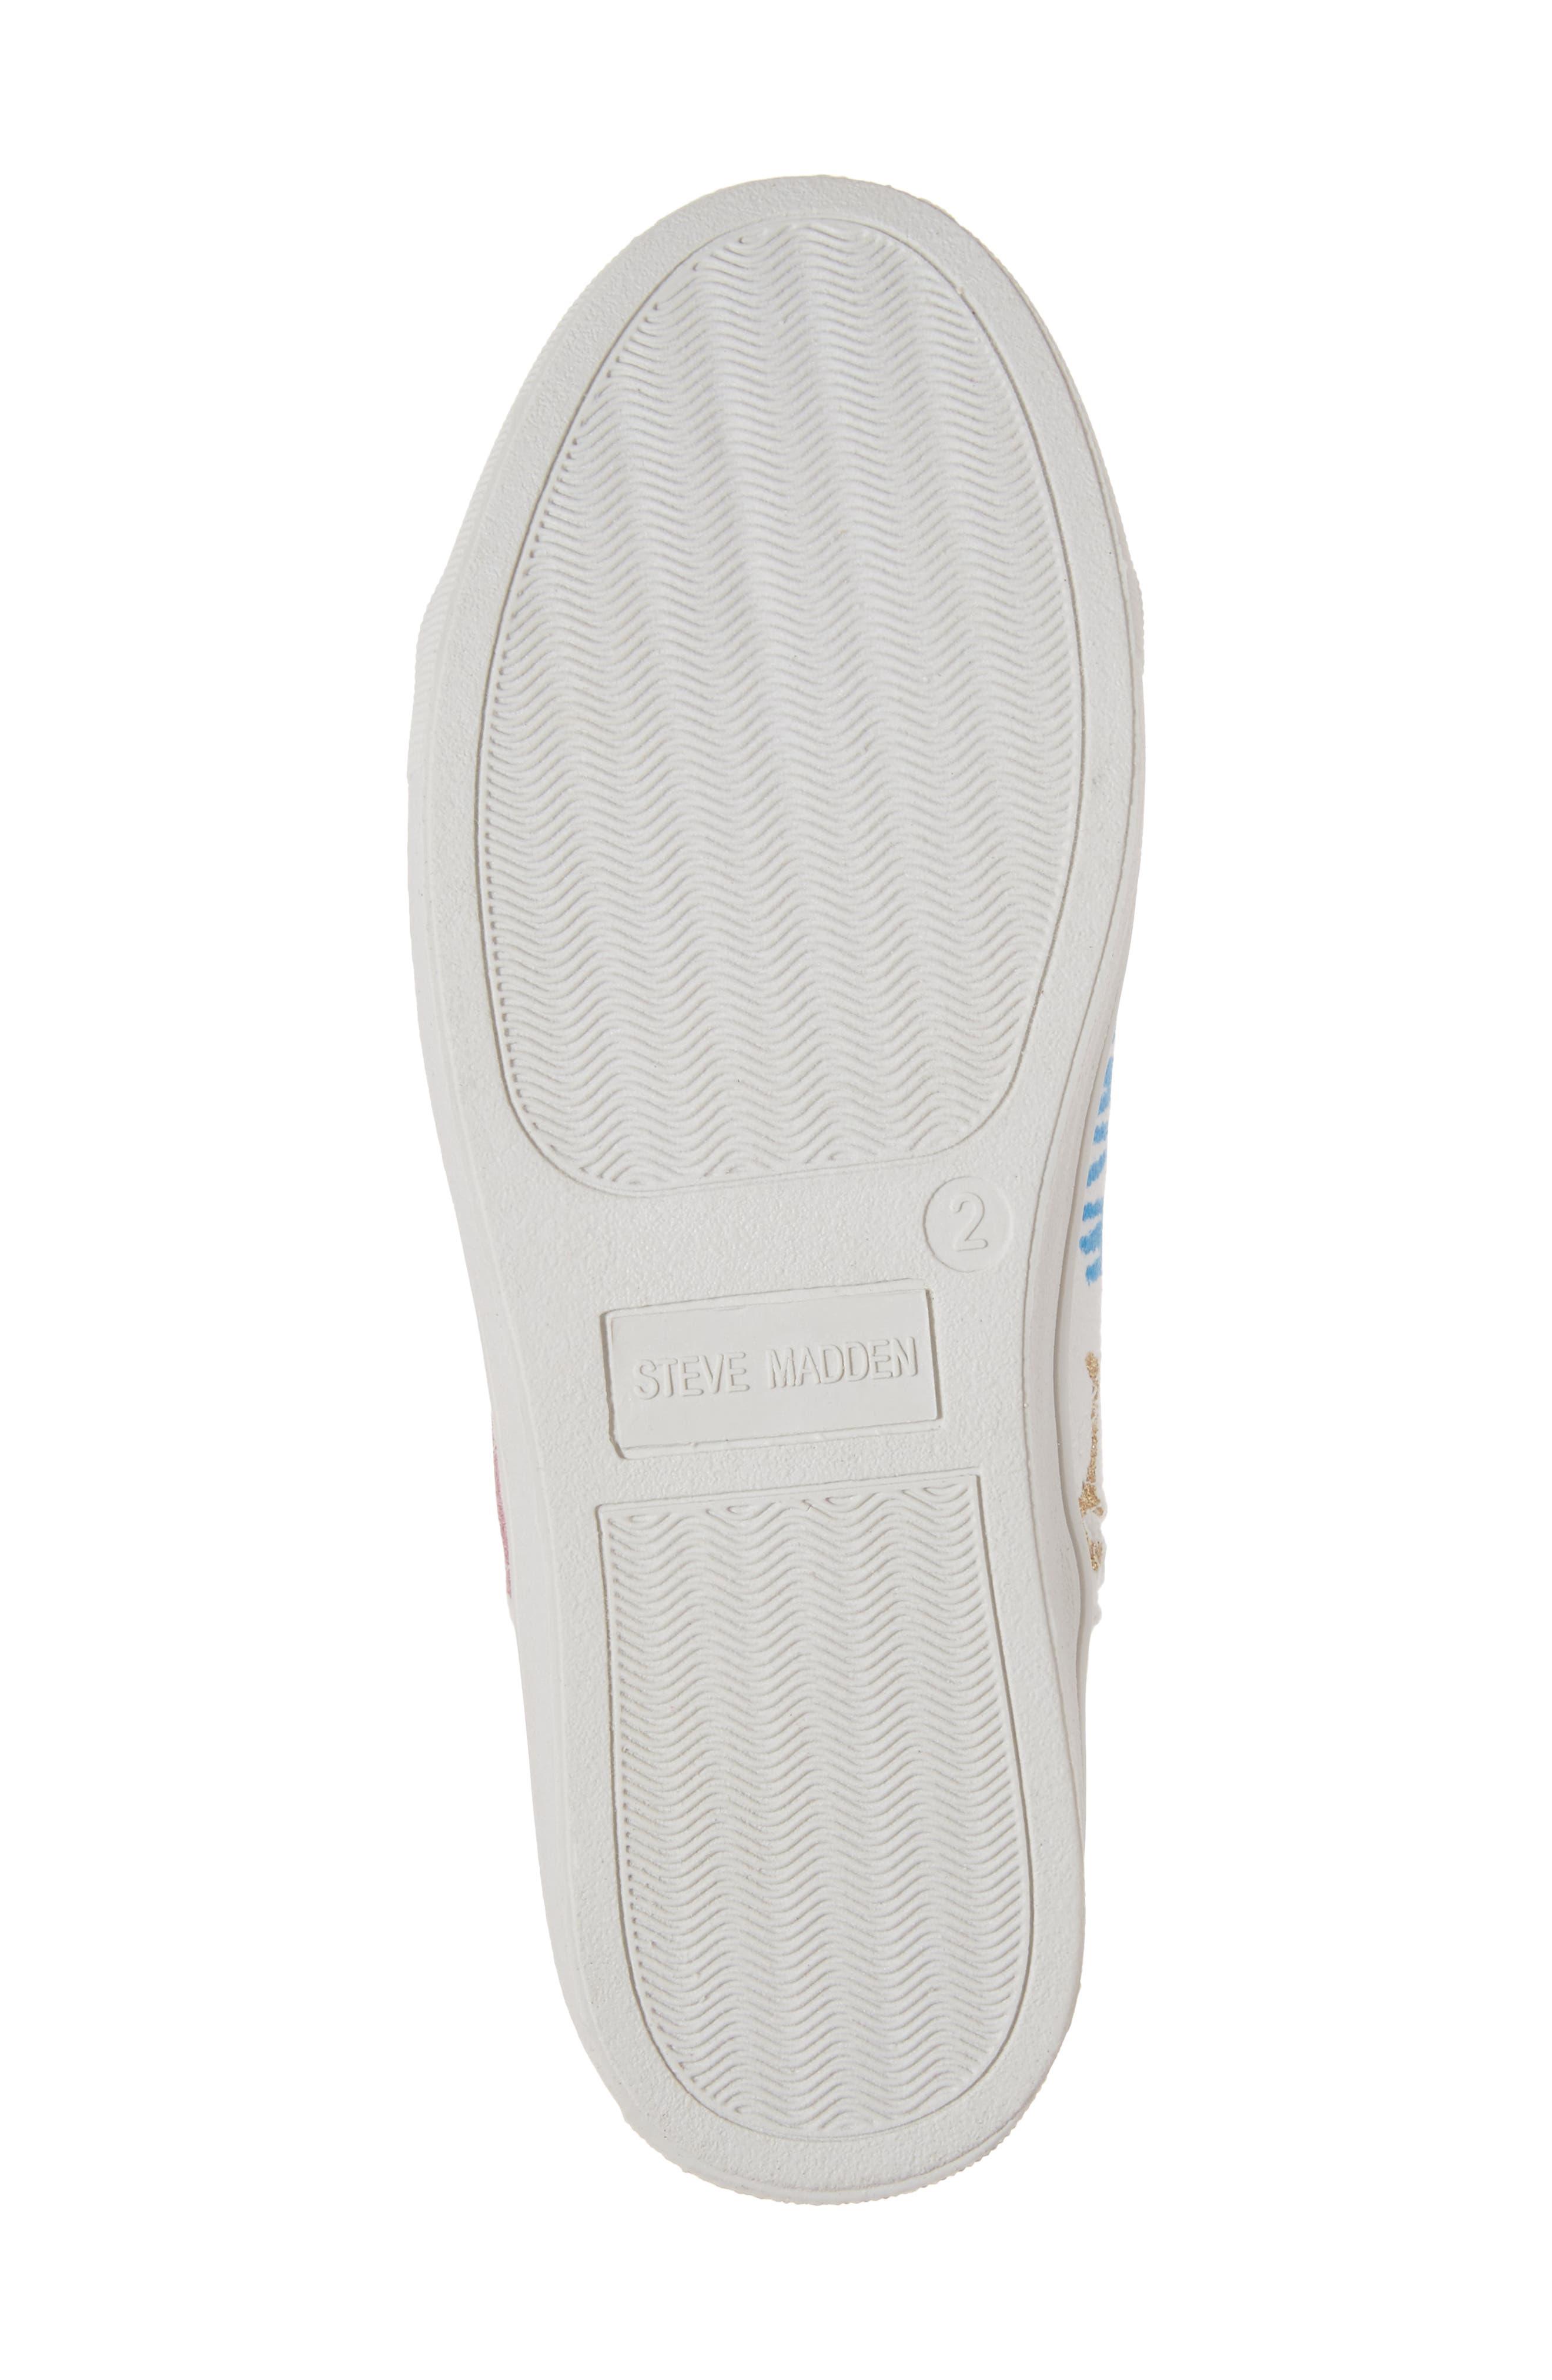 JScribble High Top Sneaker,                             Alternate thumbnail 6, color,                             White